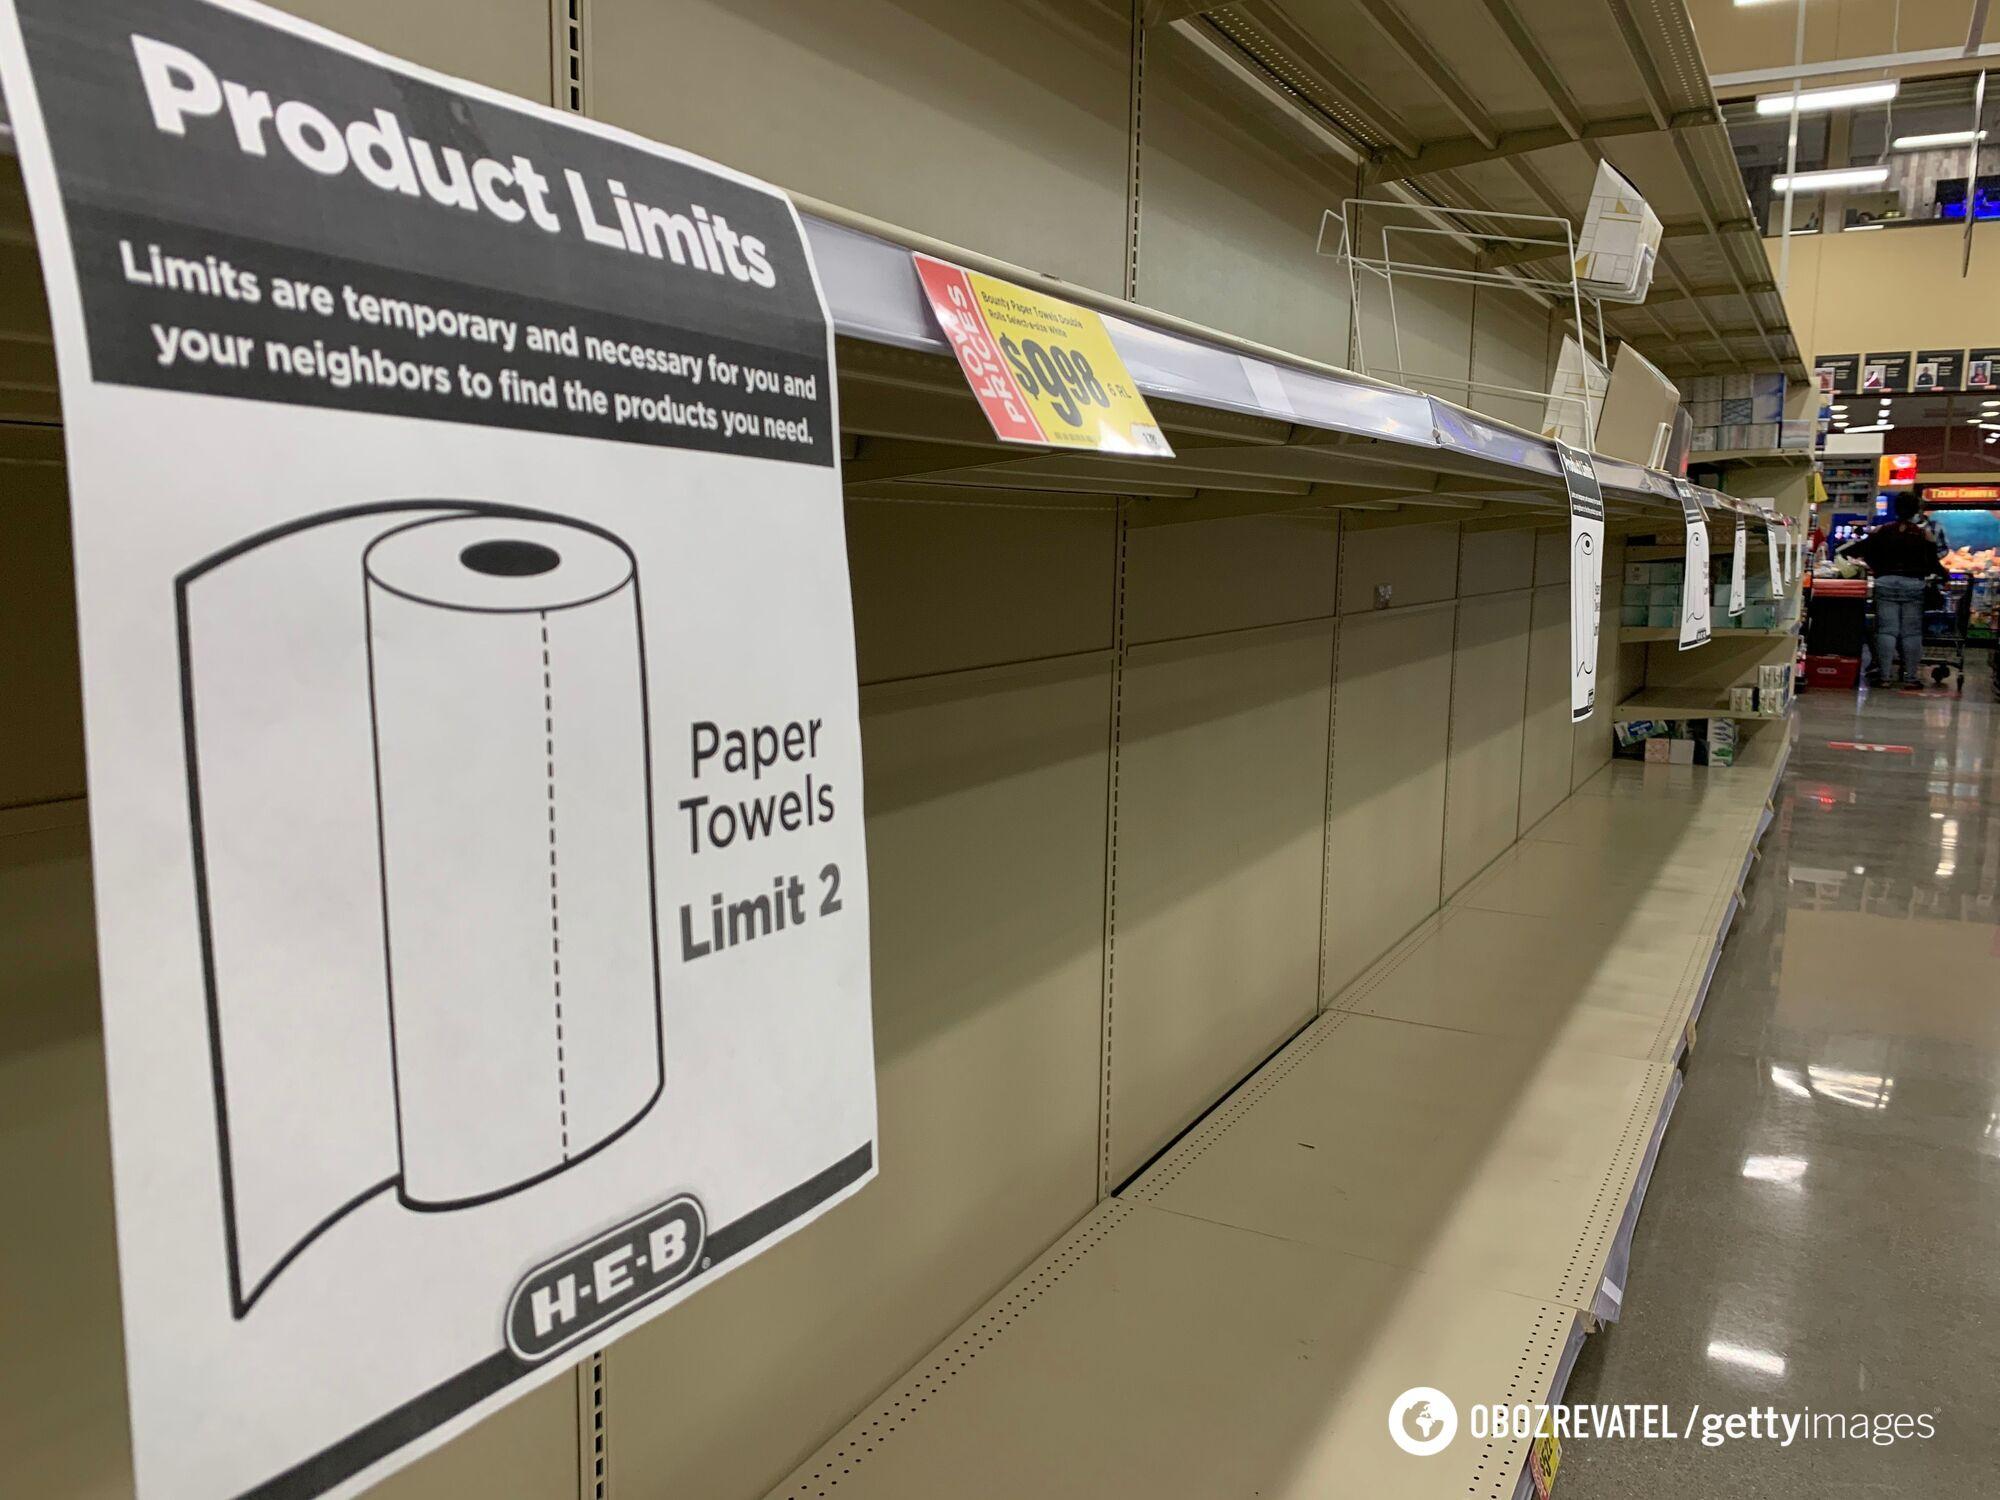 В магазинах образовался дефицит товаров